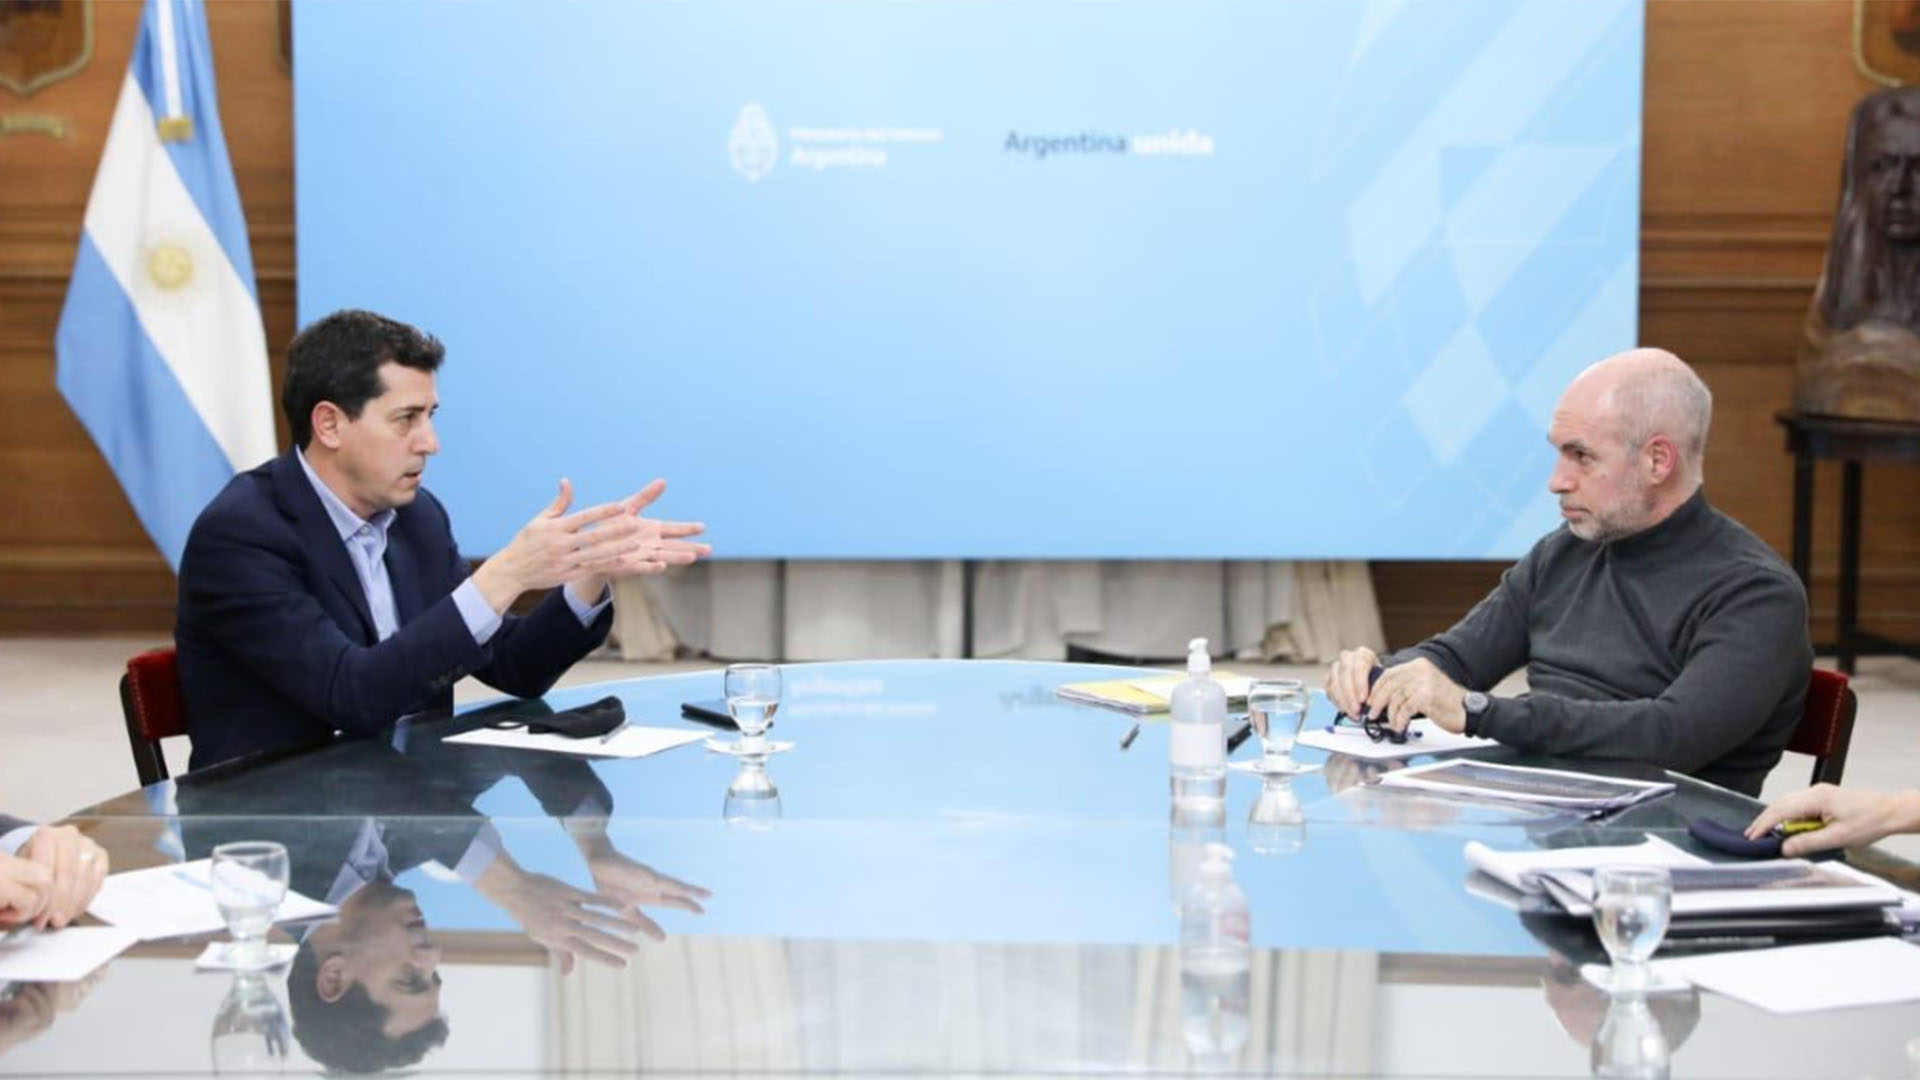 El Gobierno convocó a una reunión a Horacio Rodríguez Larreta por el traspaso de fondos para la Policía de la Ciudad